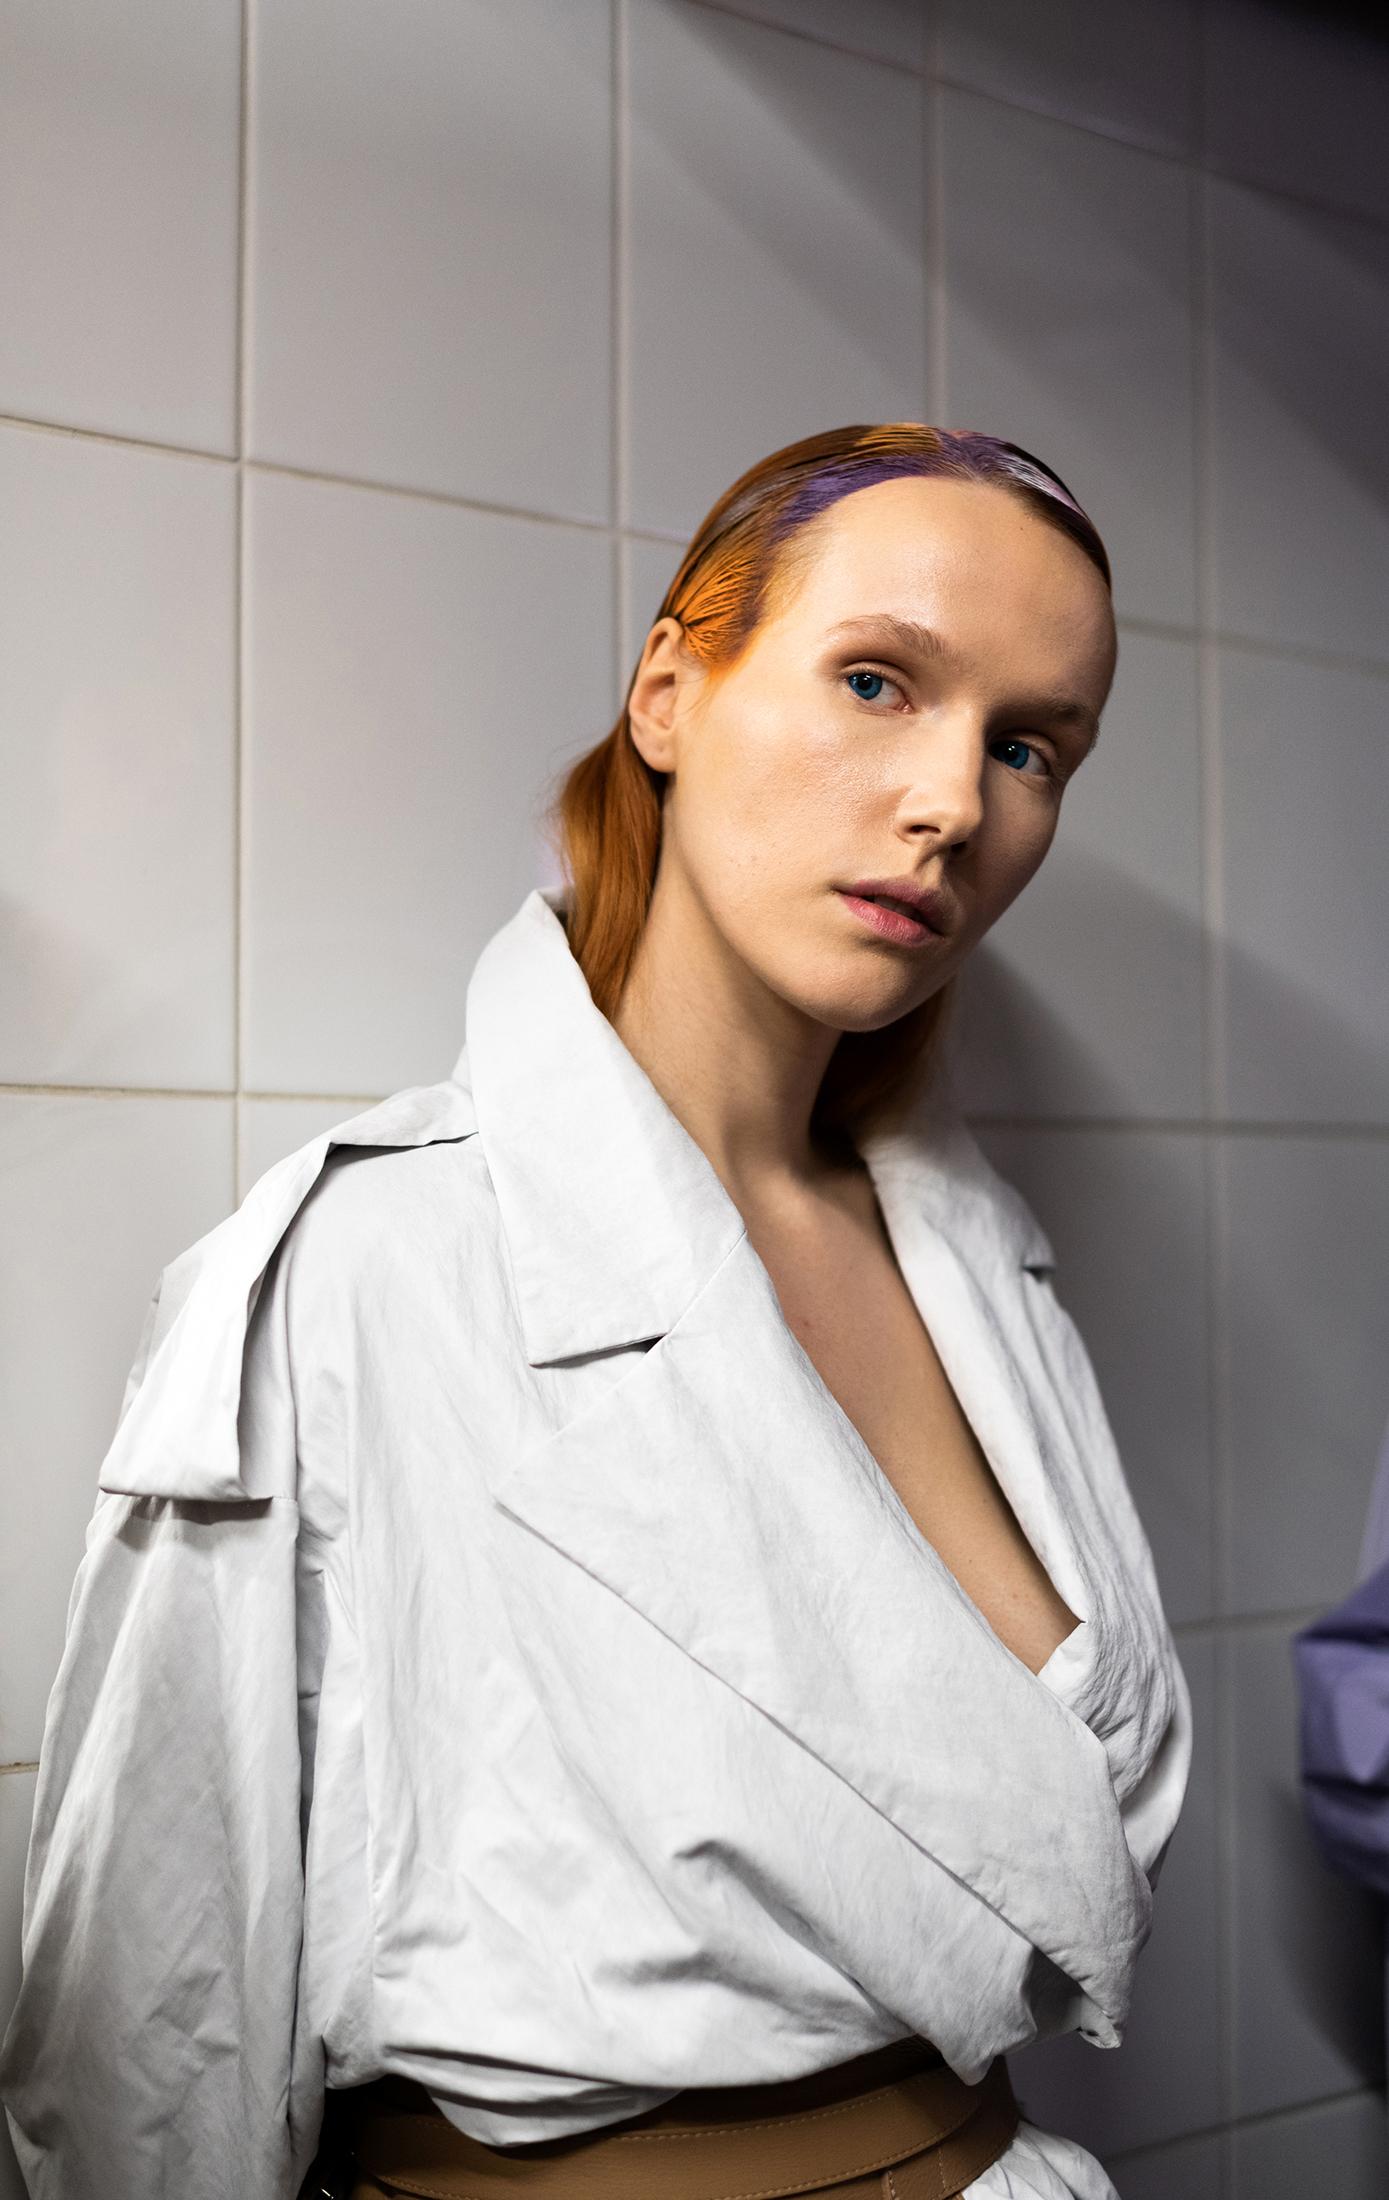 fotograf mody Warszawa Natalia Poniatowska